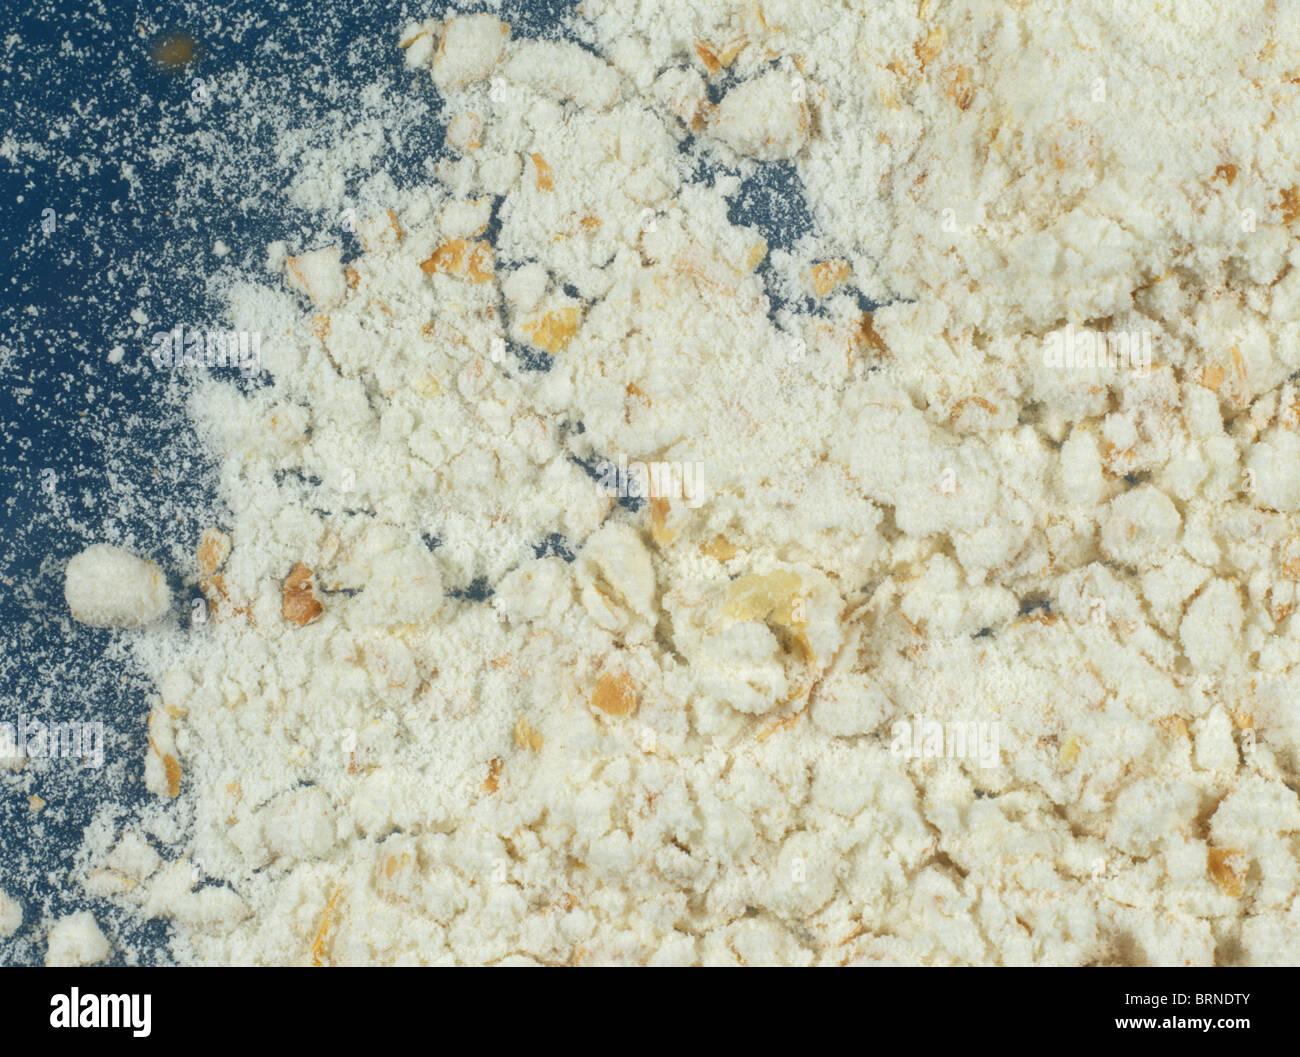 Brown 'Oxford' flour - Stock Image